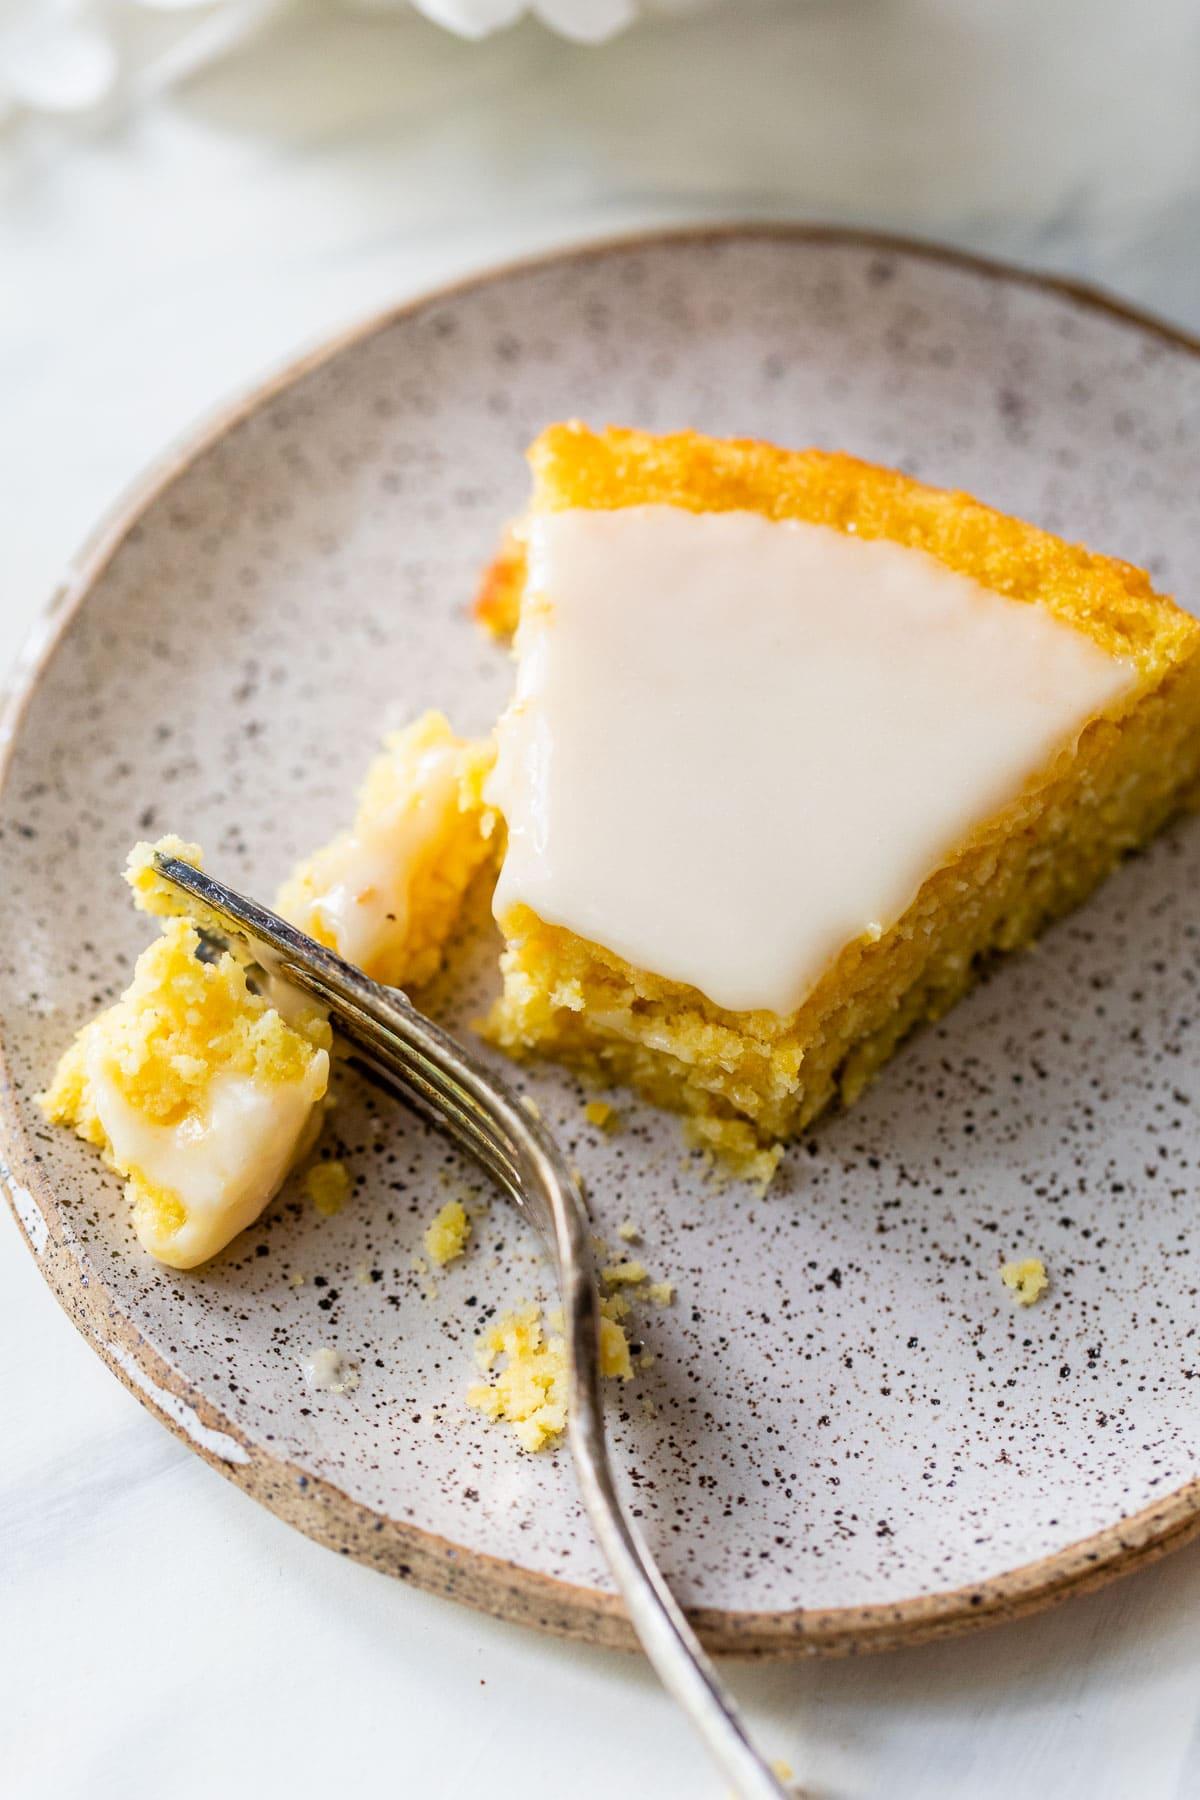 slice of Italian polenta cake recipe